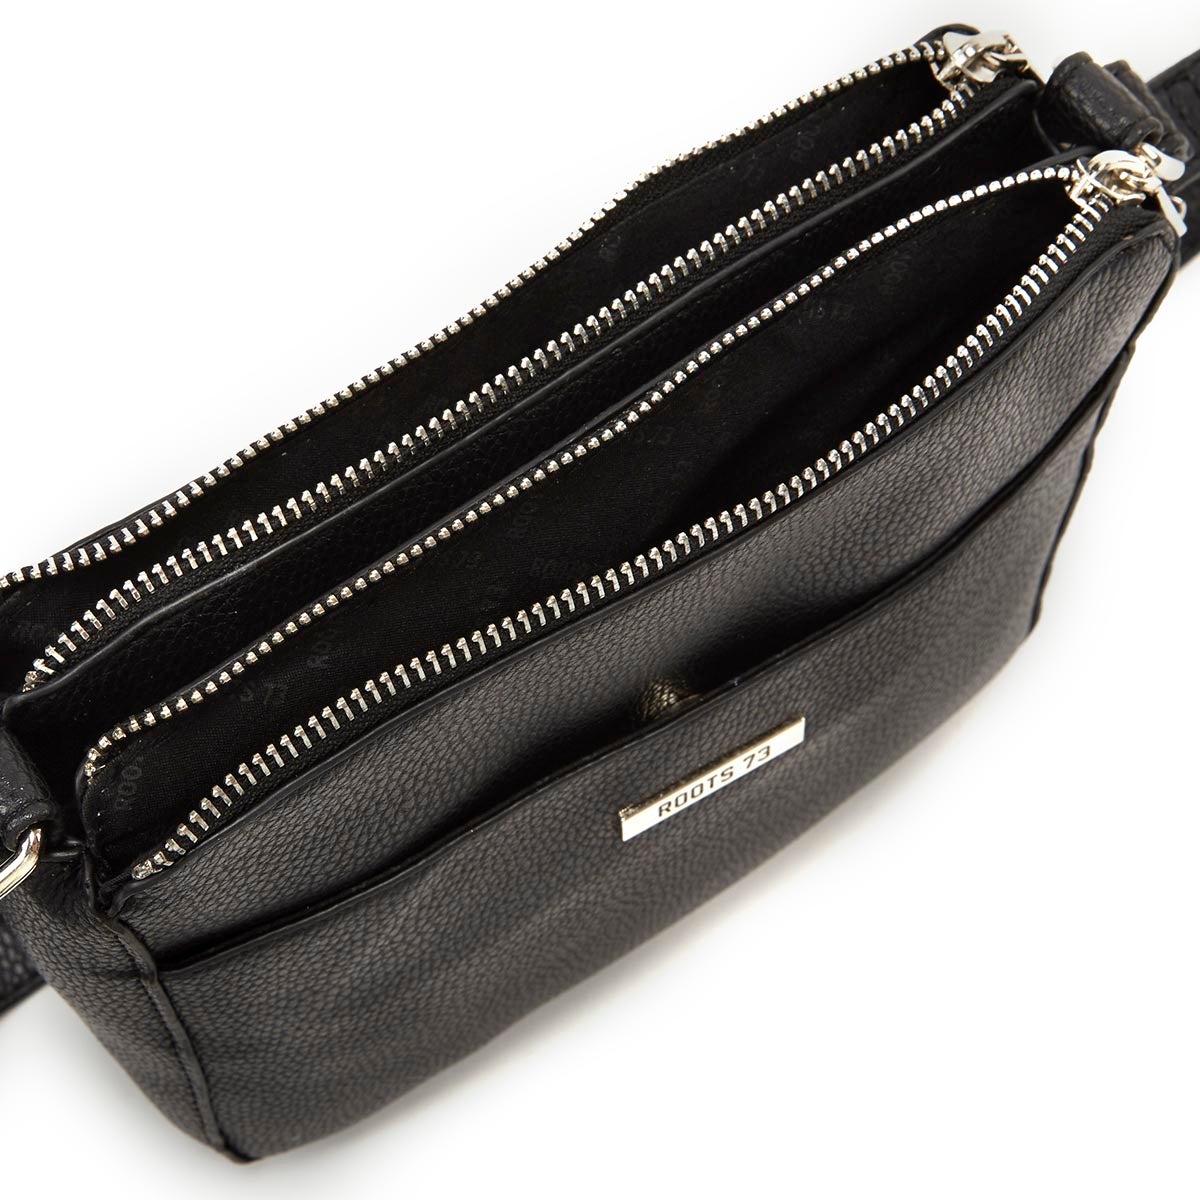 Lds blk double zip cross body camera bag